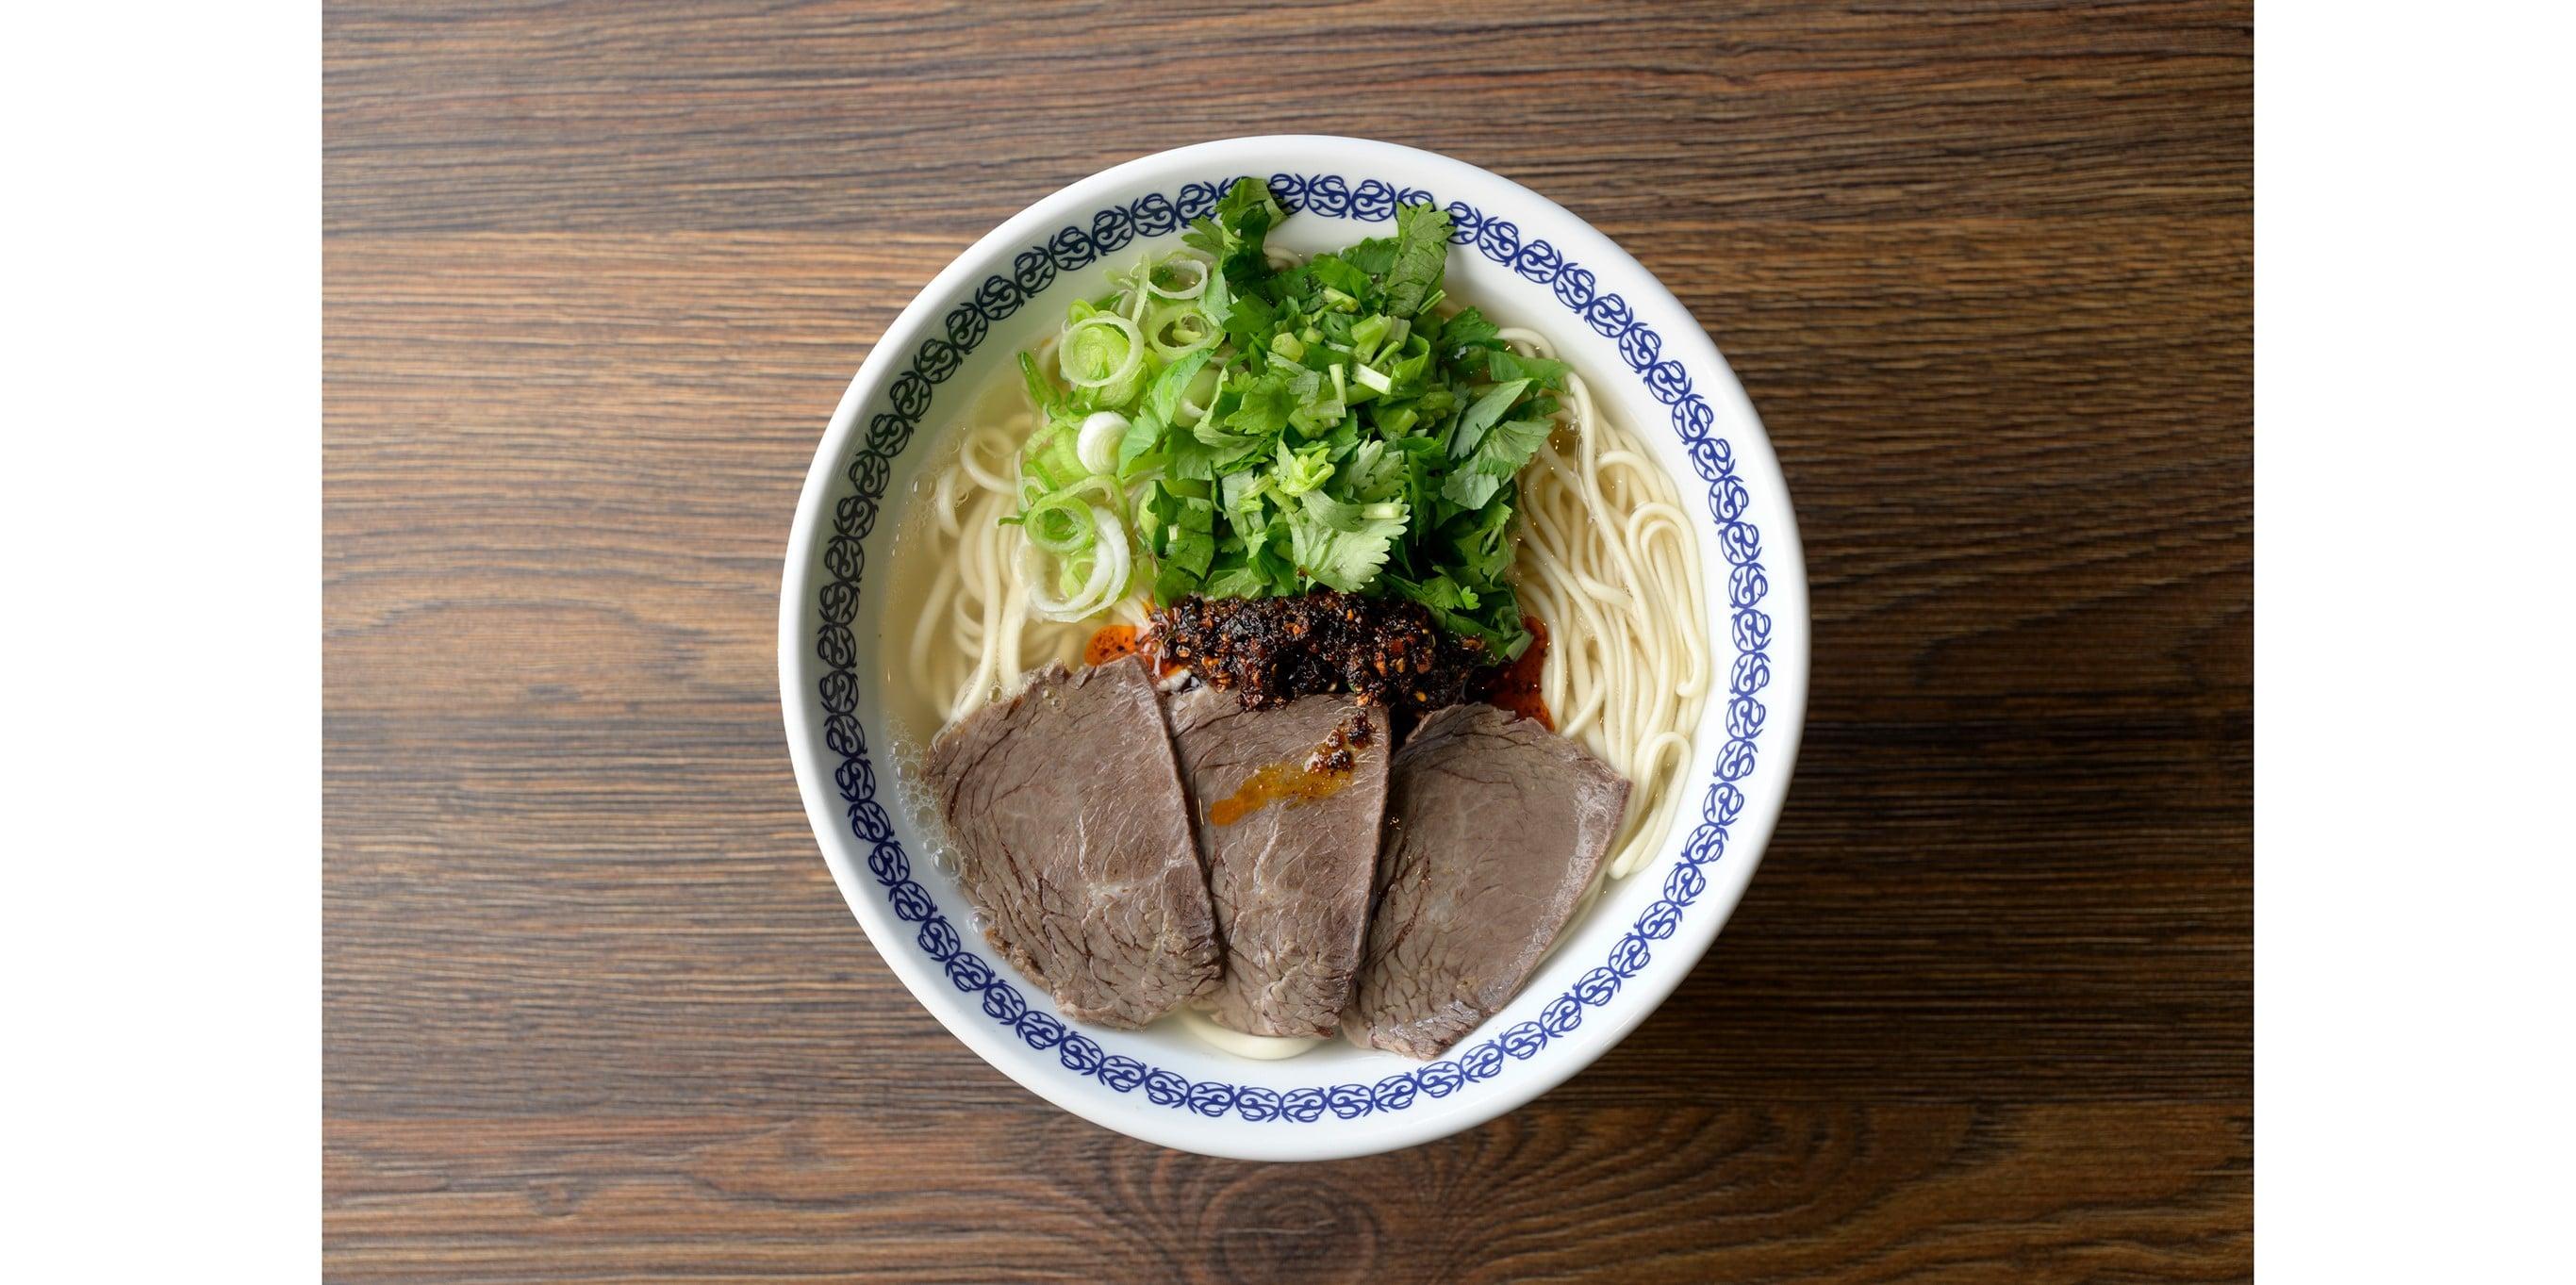 秘伝の薬膳スープと柔らかく煮込まれた牛肉が美味の蘭州牛肉面。